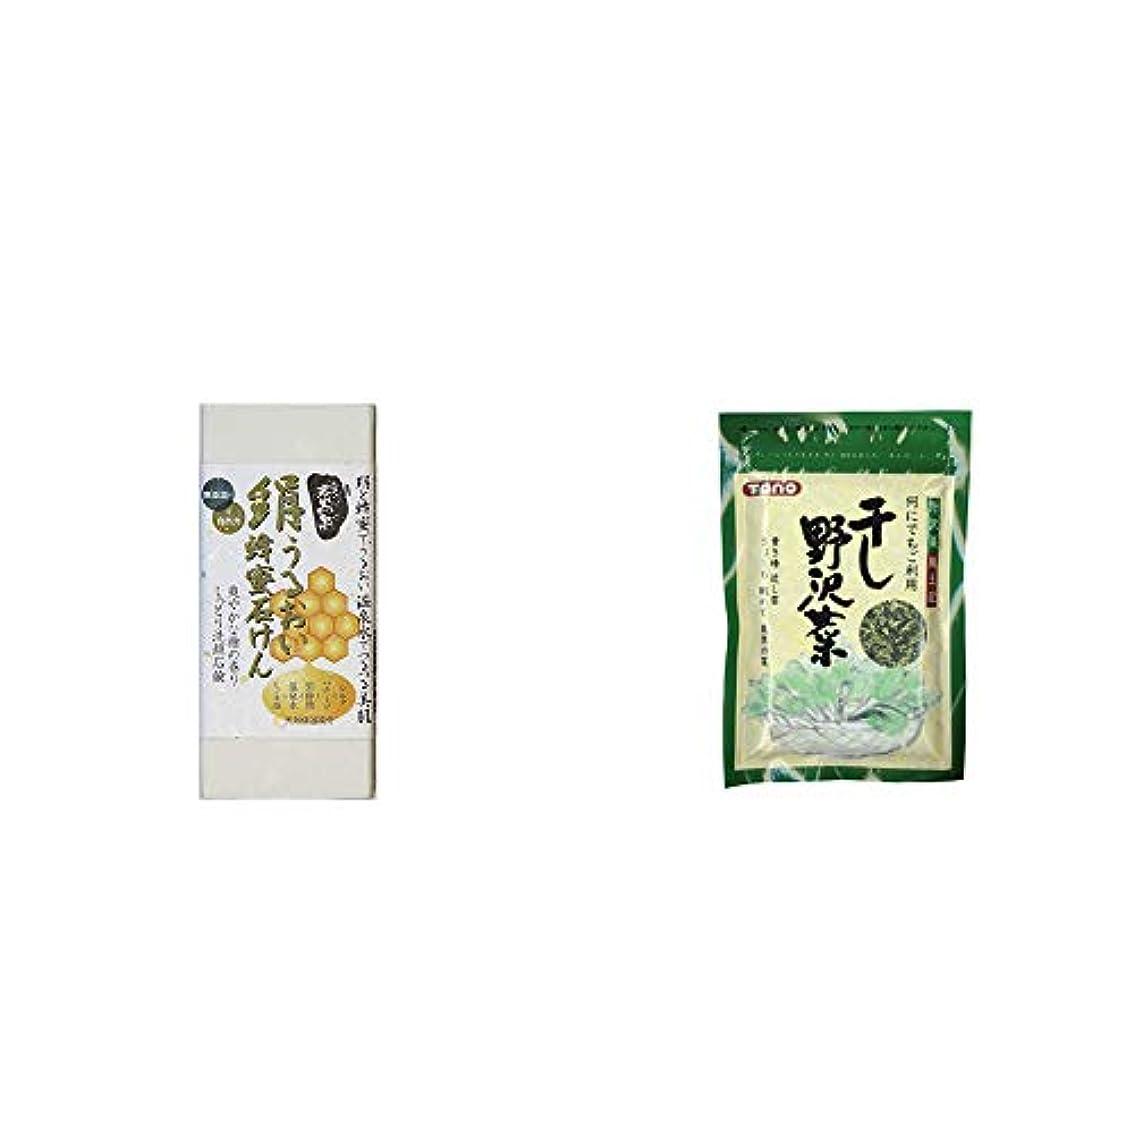 炭素つまずく説得力のある[2点セット] ひのき炭黒泉 絹うるおい蜂蜜石けん(75g×2)?干し野沢菜(100g)